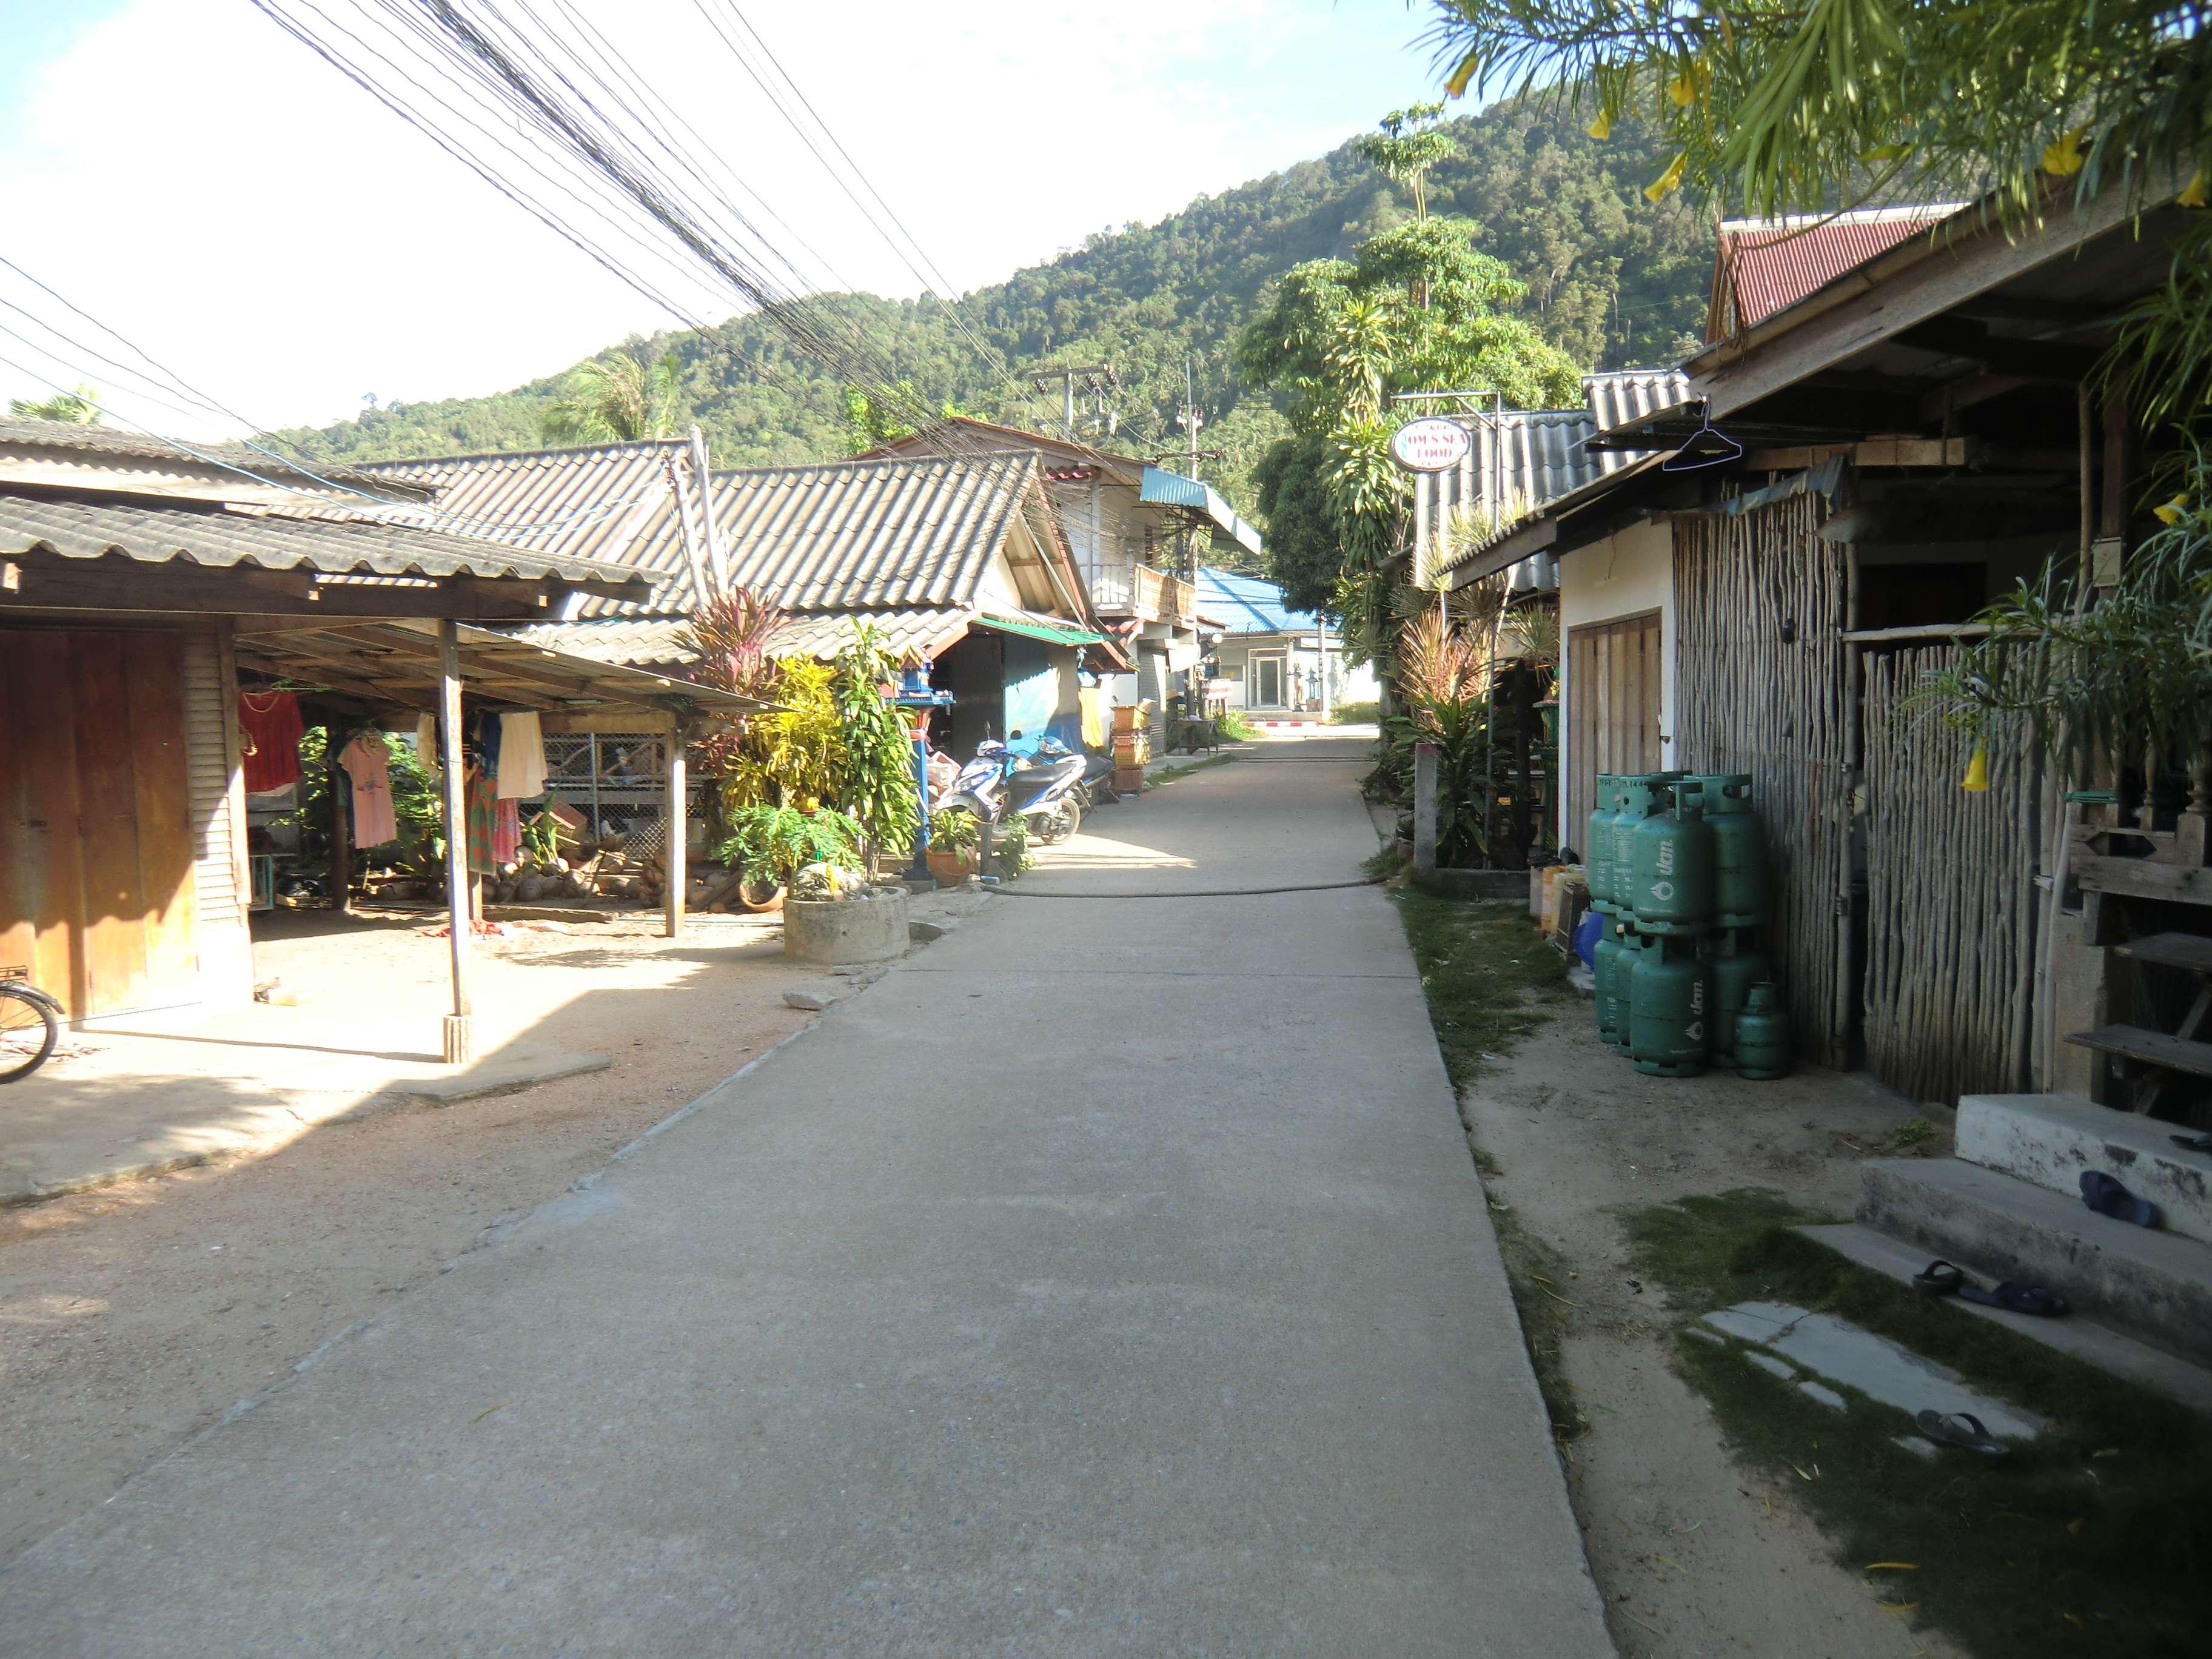 der Weg zur Hauptstraße